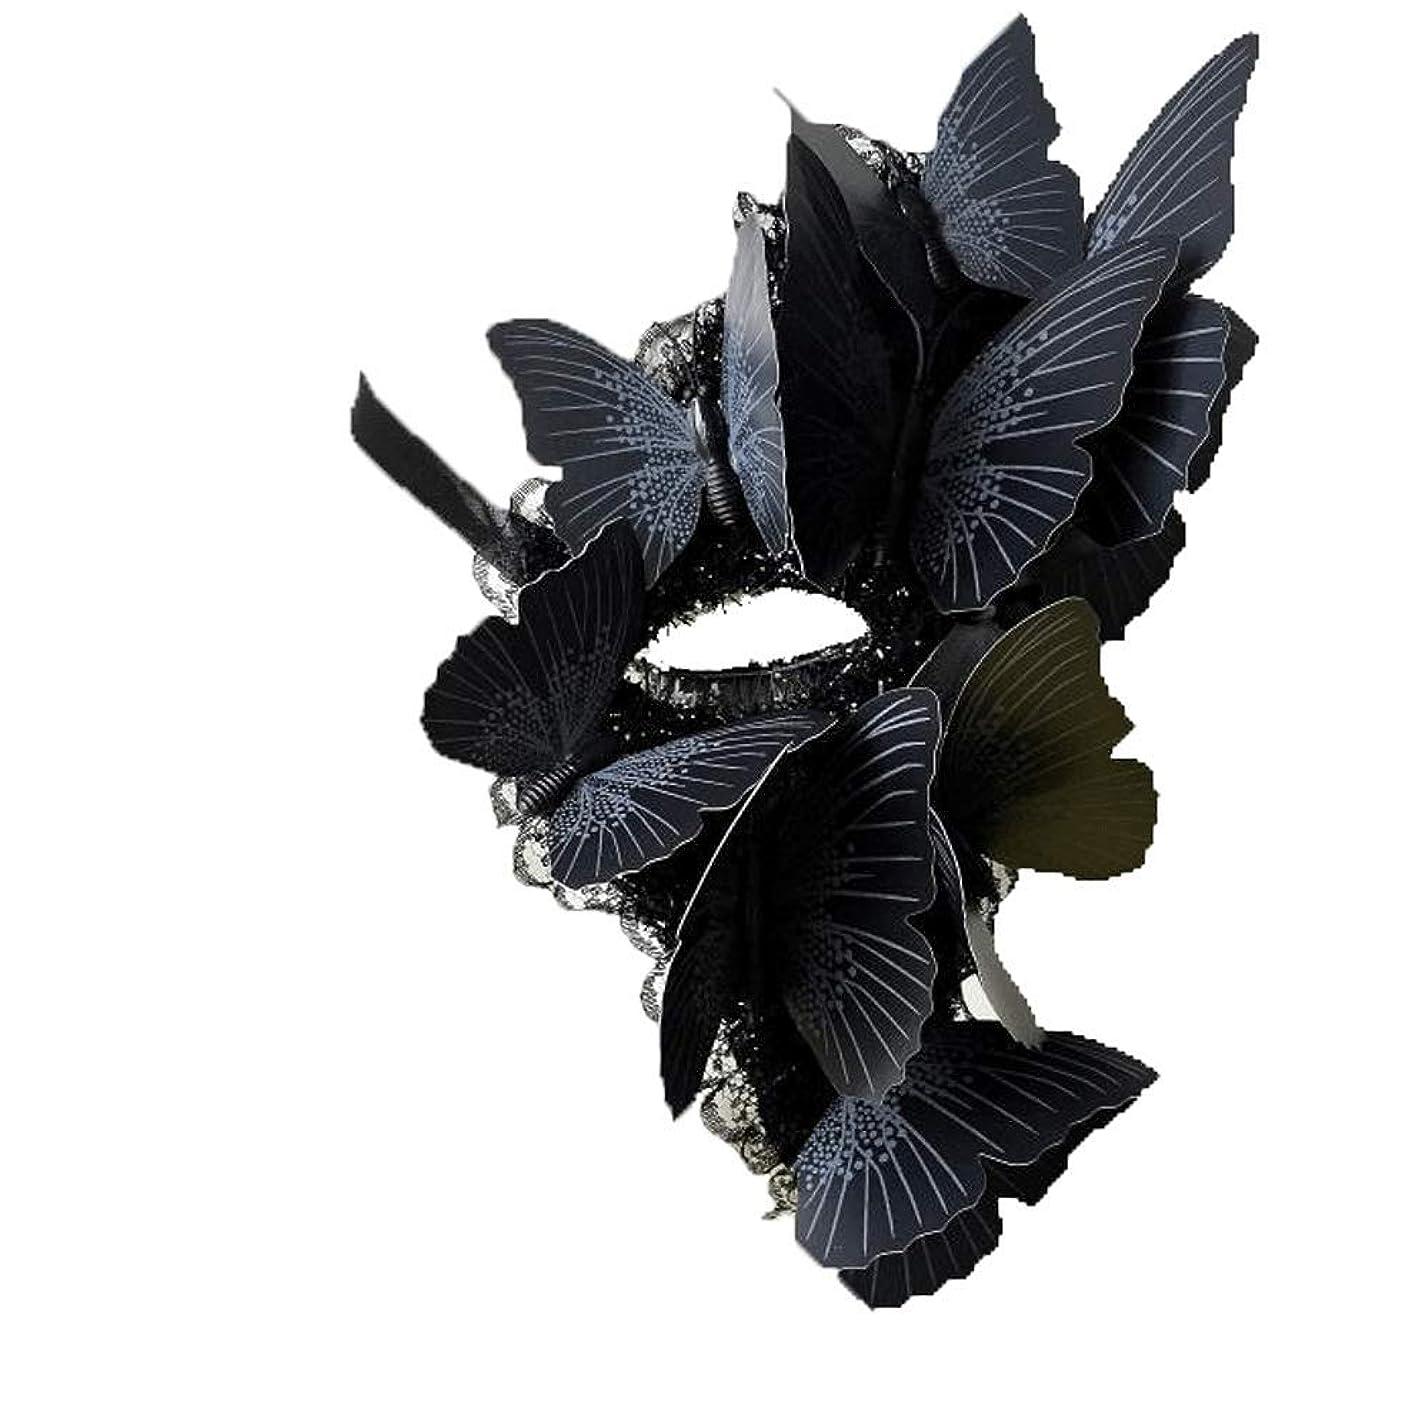 もの橋脚ボウルNanle ハロウィーンの蝶単眼マスク仮装マスクレディミスプリンセス美しさの祭パーティ装飾 (色 : Style B, サイズ さいず : Right eye)